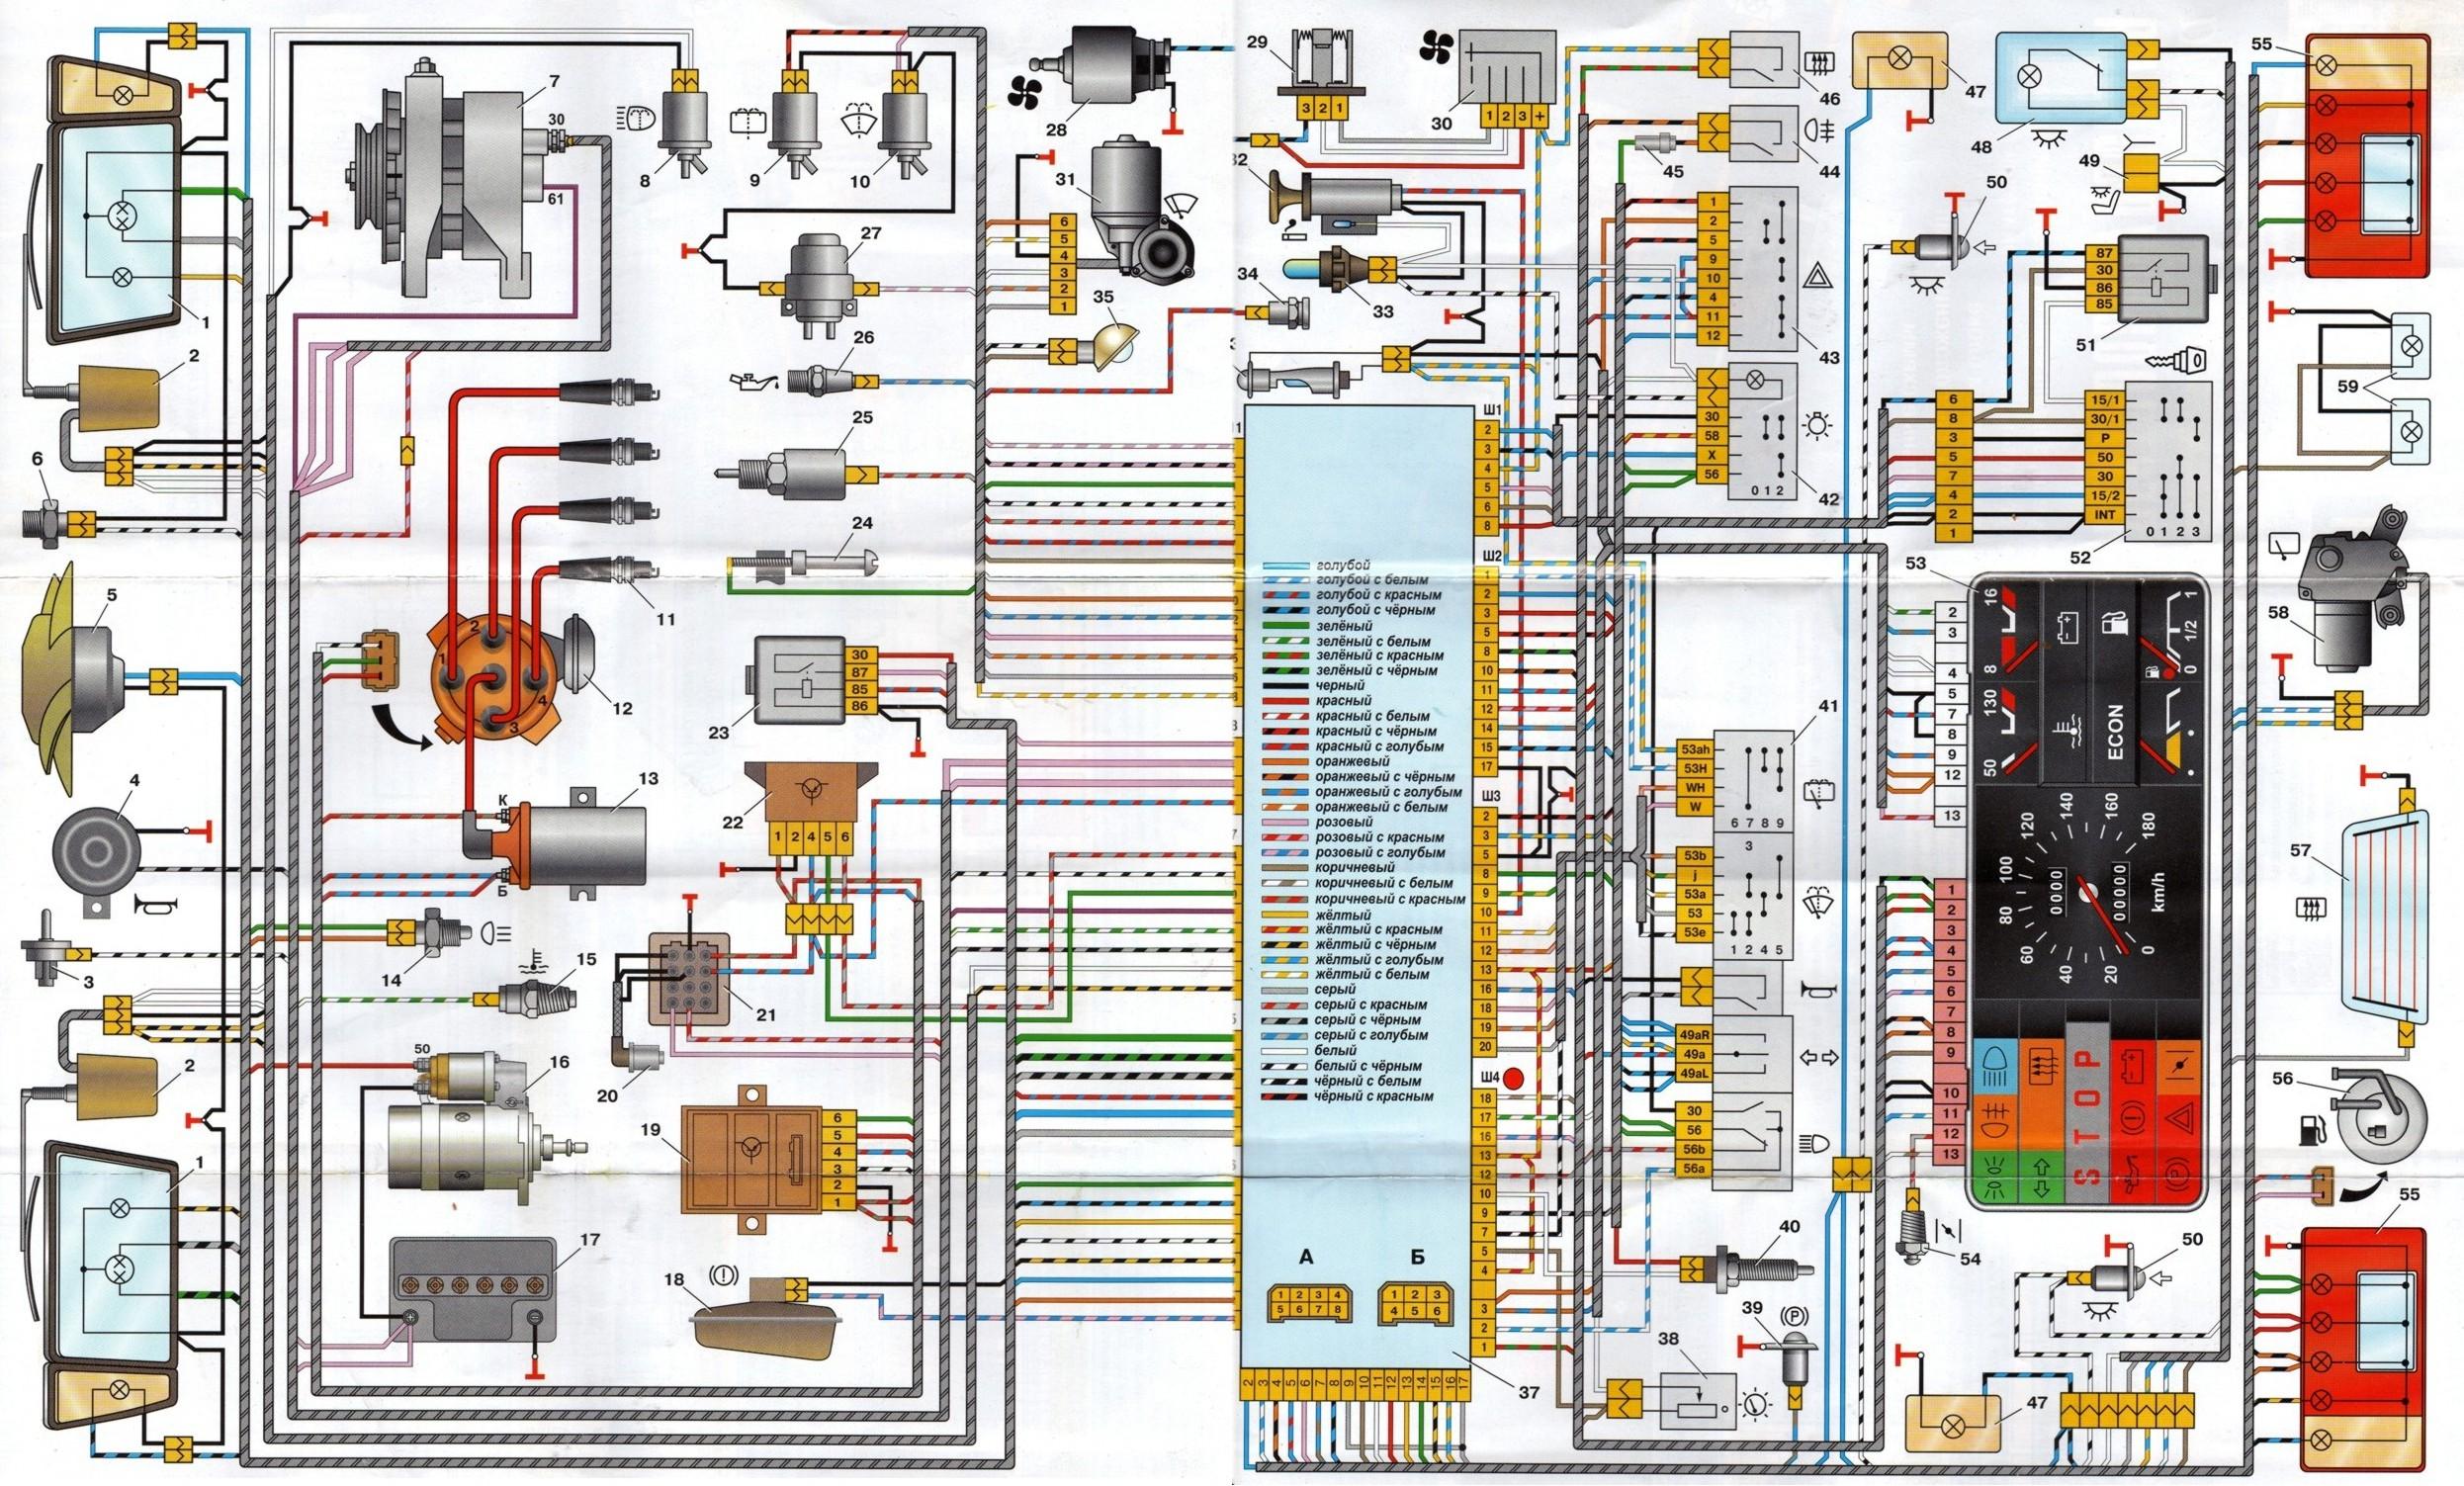 Двигатель Трансмиссия Ходовая Электрооборудование.  Схема электропроводки на Ладе Гранте Провода и предохранители.